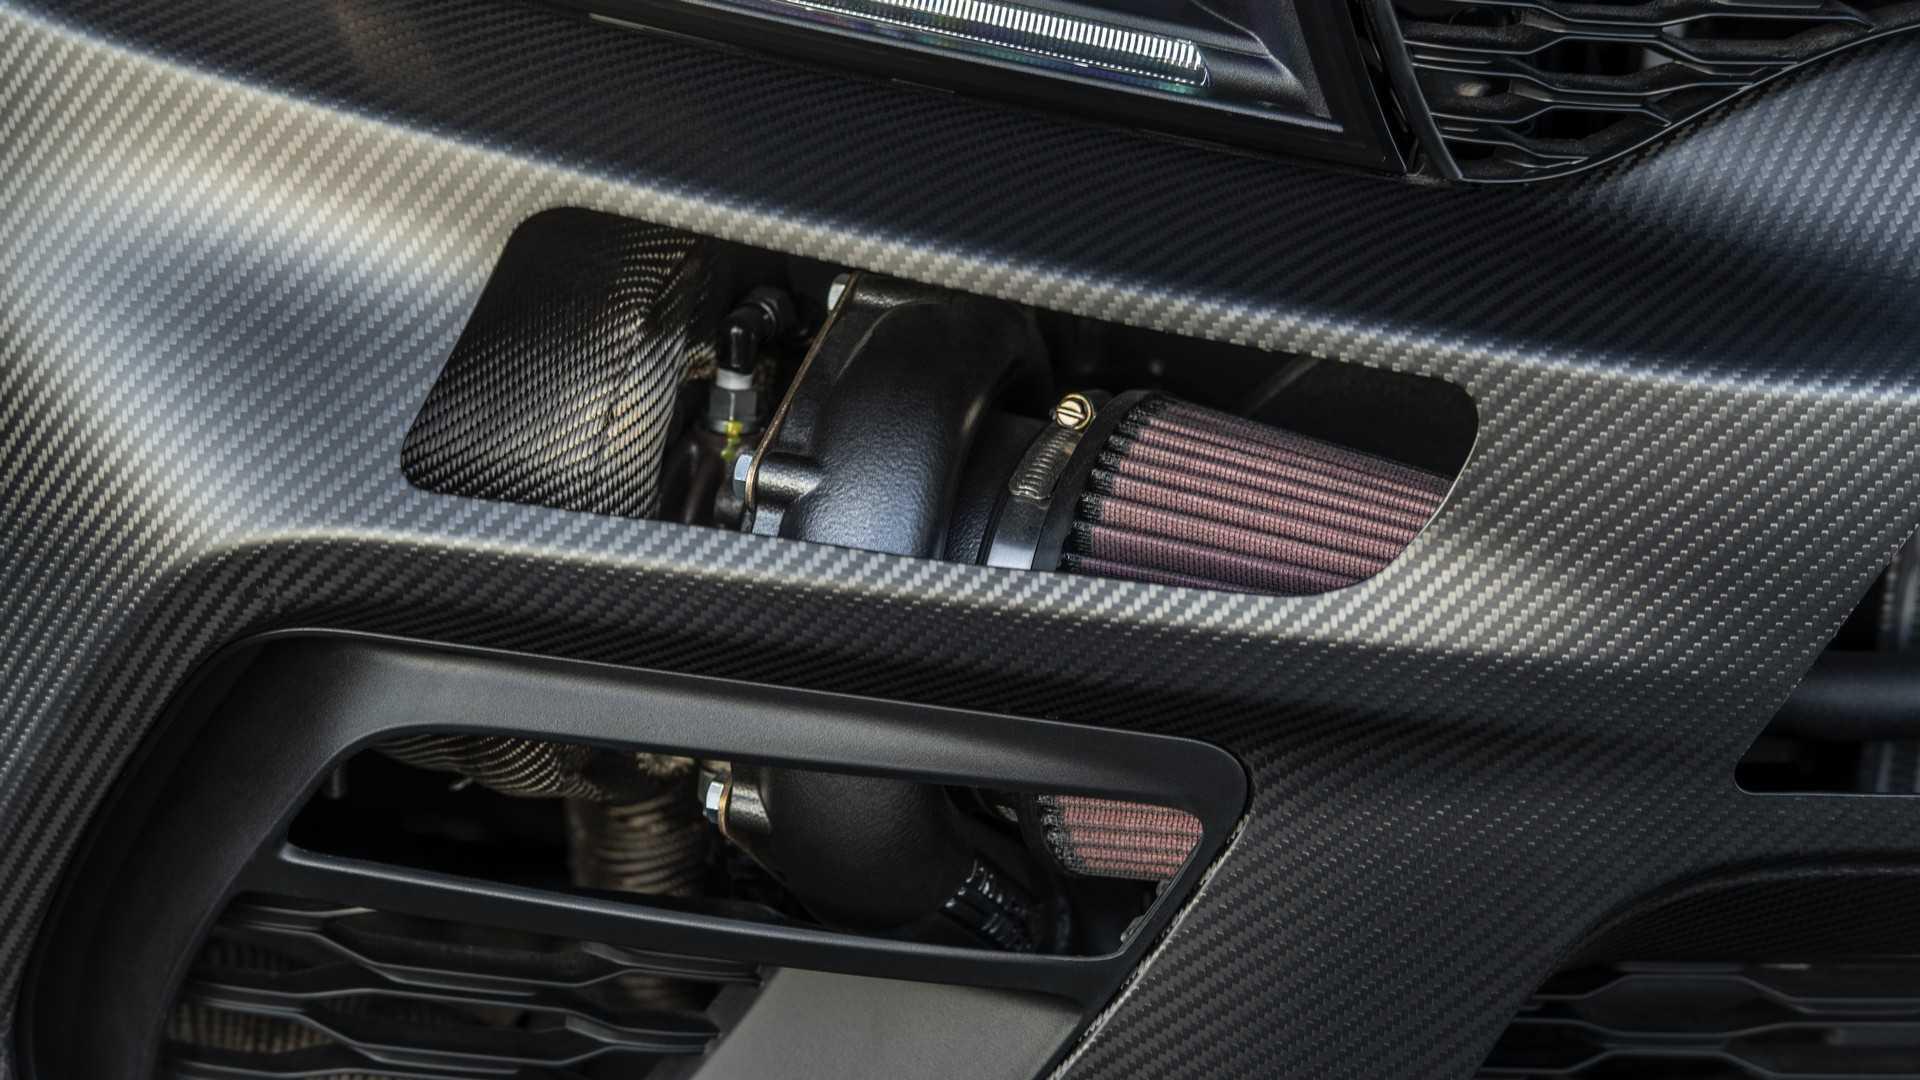 دودج تشارجر معدلة بقوة تضاهي بوجاتي شيرون! SpeedKore-Dodge-Charger-11.jpg